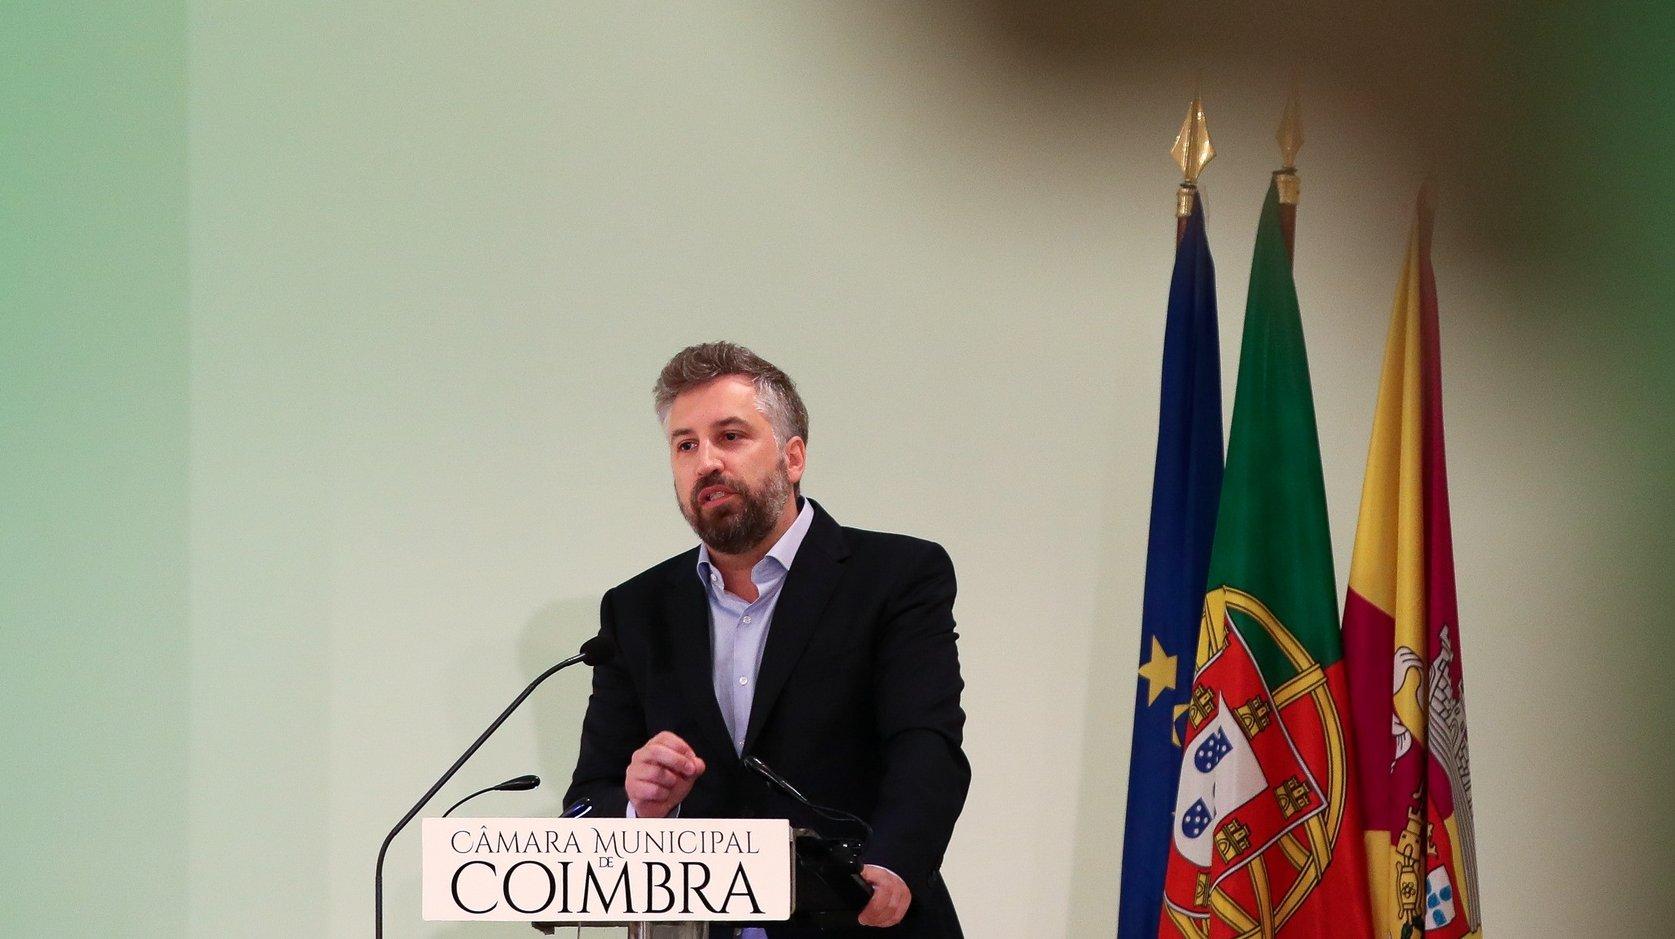 O ministro das Infraestruturas e da Habitação, Pedro Nuno Santos, discursa durante a cerimónia de apresentação dos investimentos do Plano de Recuperação e Resiliência na área da habitação, no Convento de São Francisco, em Coimbra, 30 de junho de 2021. PAULO NOVAIS/LUSA